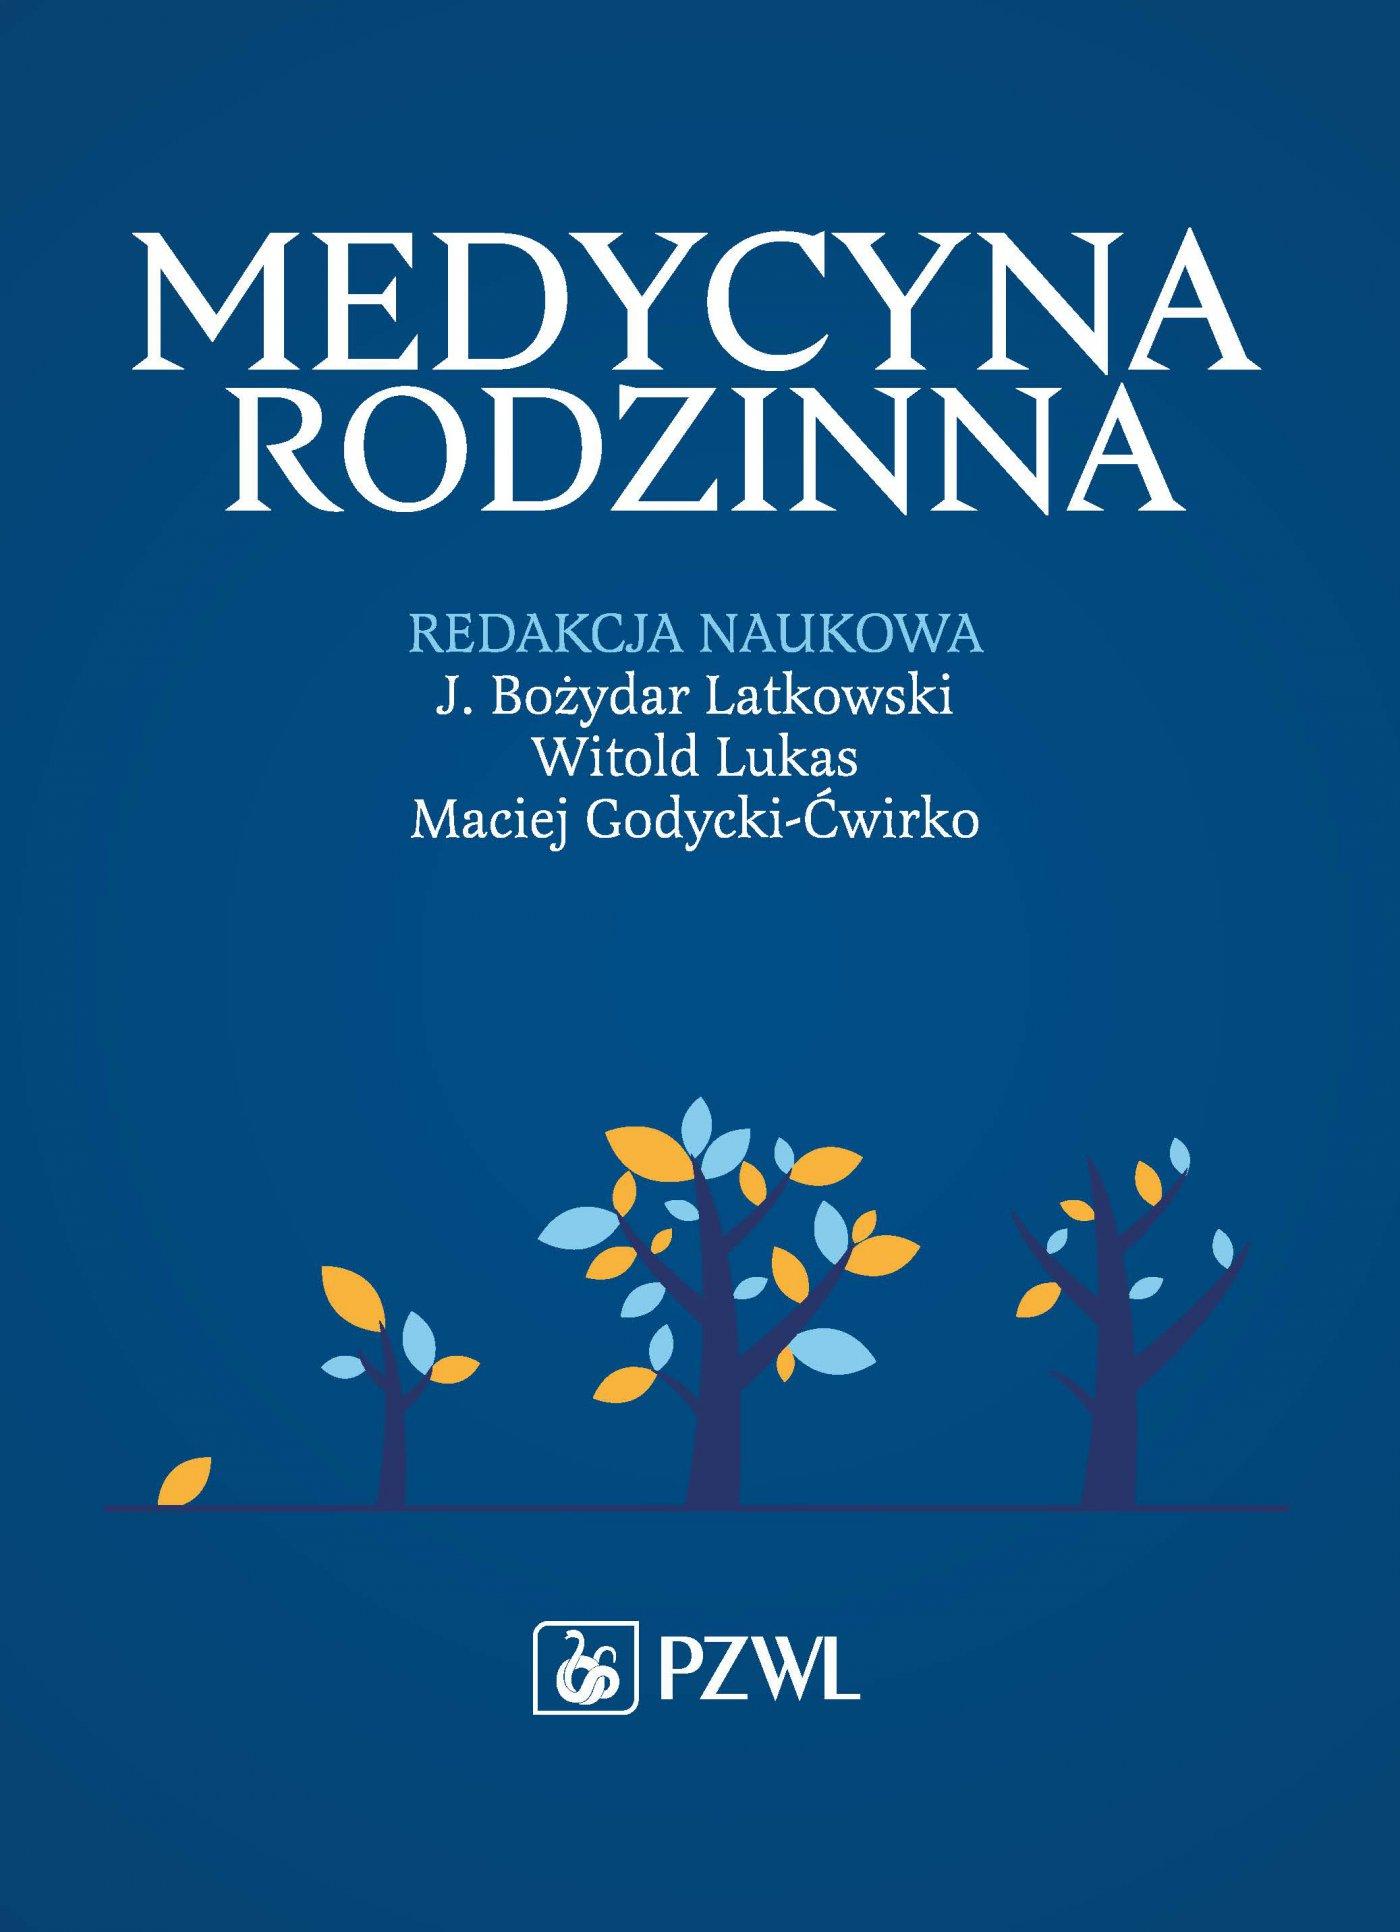 Medycyna rodzinna - Ebook (Książka na Kindle) do pobrania w formacie MOBI